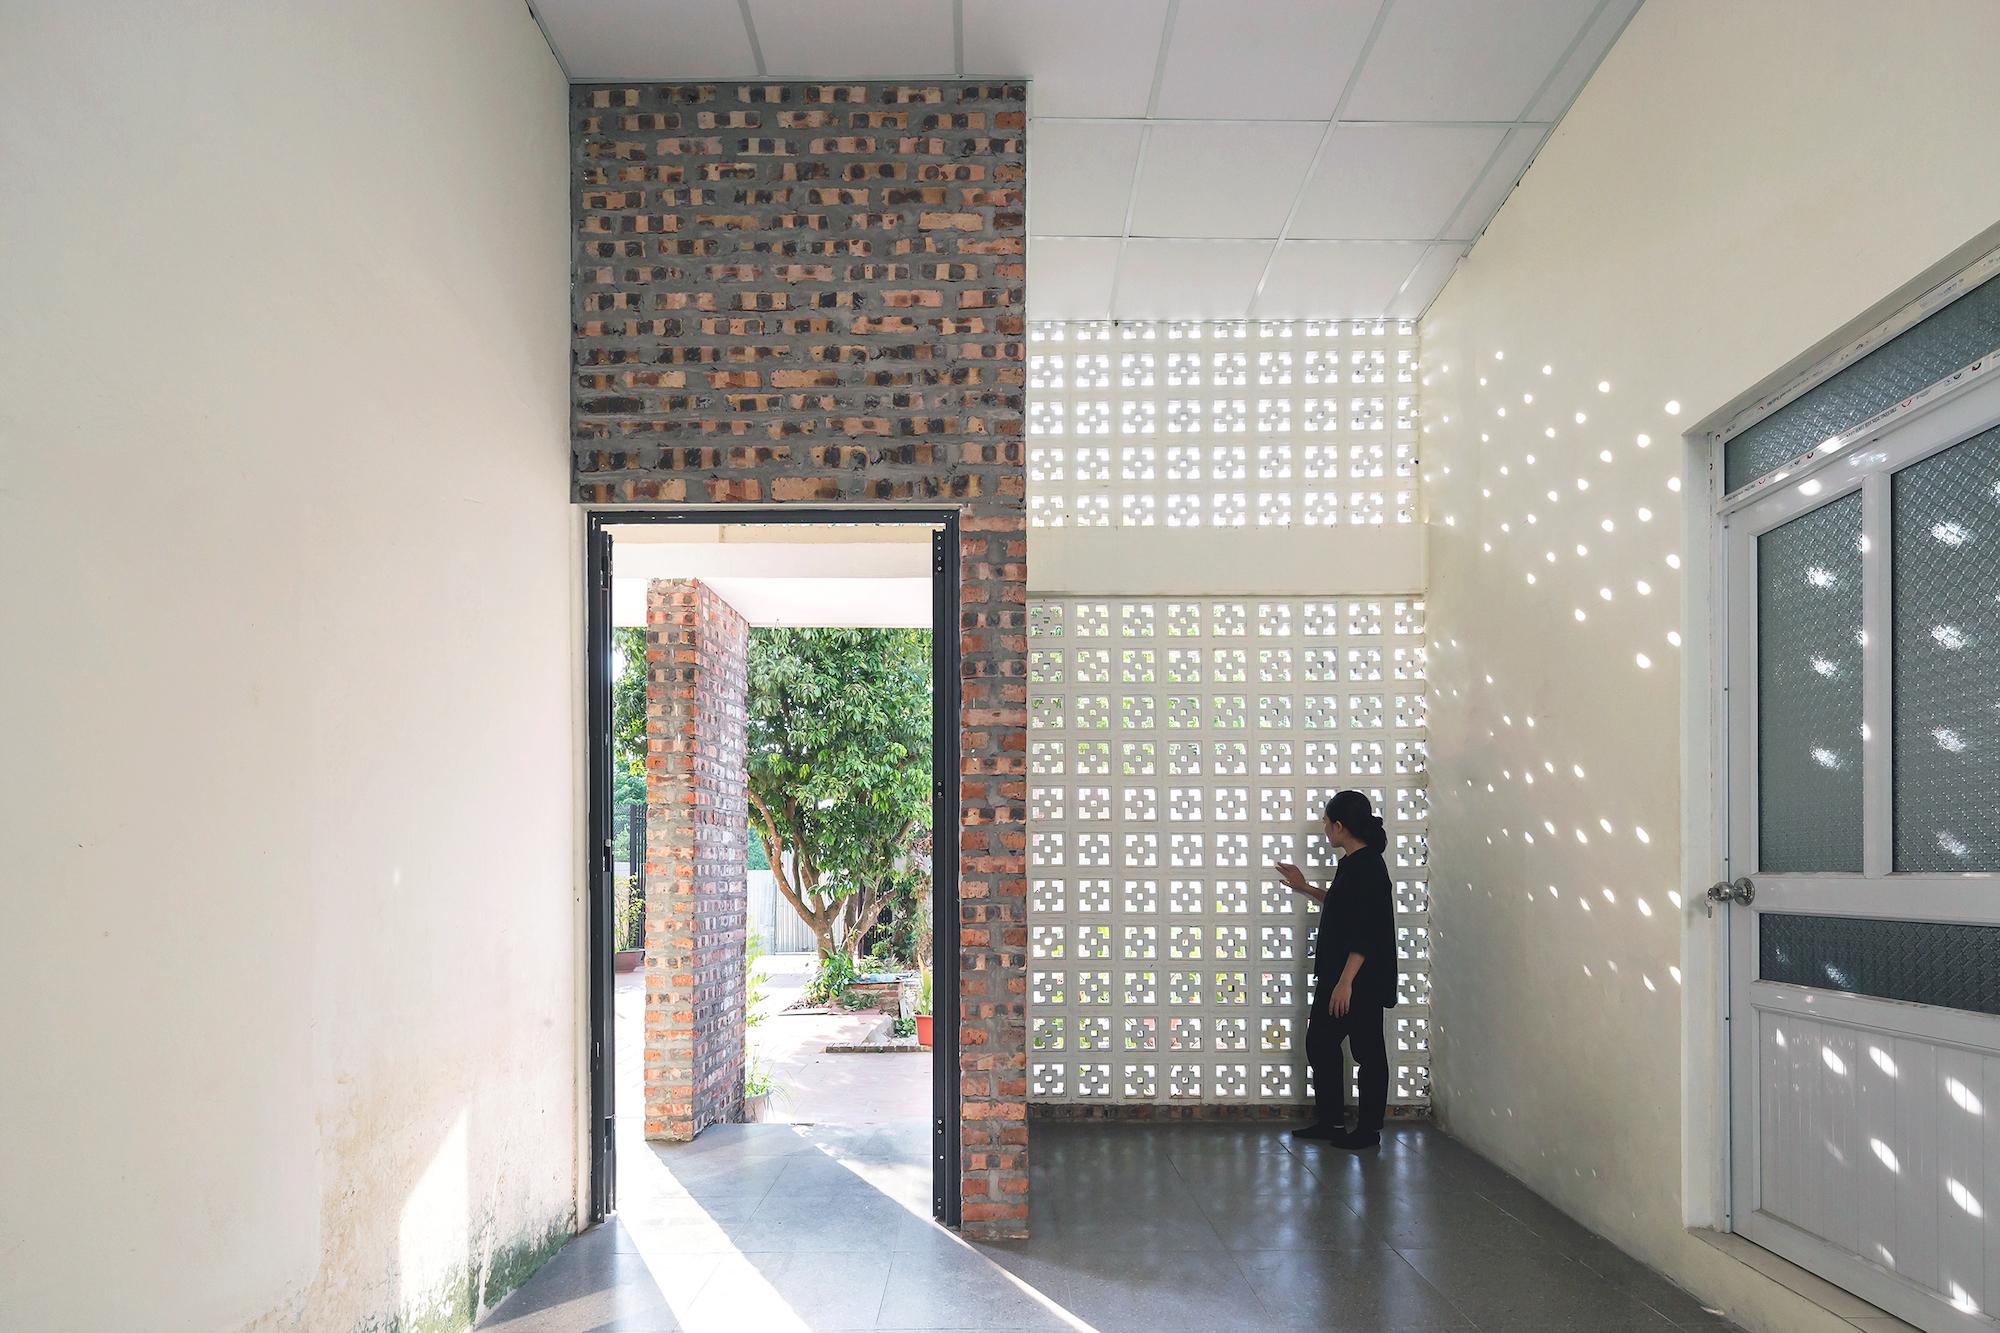 Phần lớn tường có sẵn được giữ lại, kết hợp với tường mới xây tạo nên một căn nhà cũ mà mới cho gia chủ.